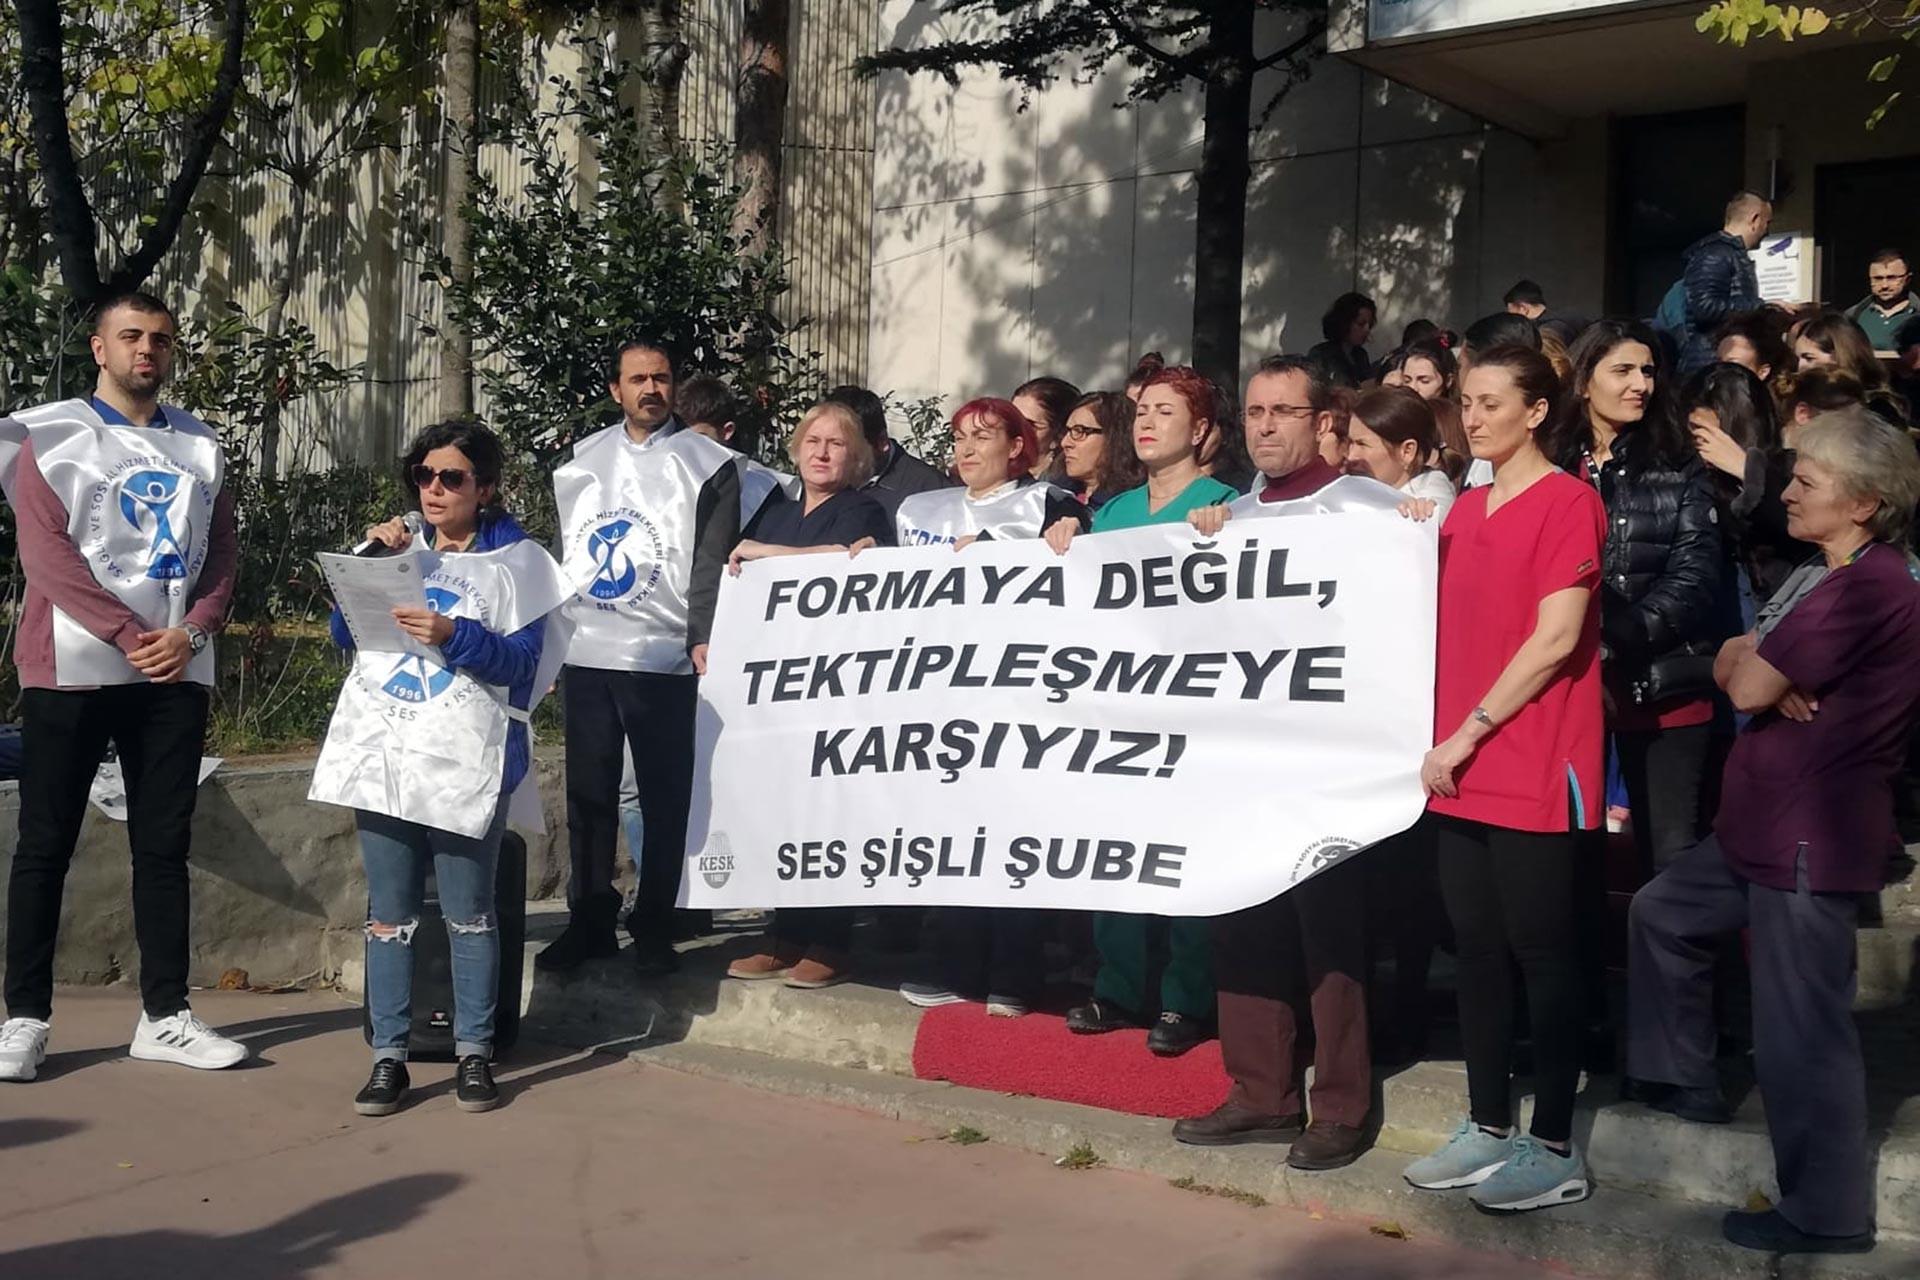 SES Şişli Şubesi üyesi sağlık emekçileri, İstanbul İl Sağlık Müdürlüğünün tek tip forma dayatmasına karşı 'Formaya değil tek tipleşmeye karşıyız' yazılı pankartla açıklama yaparken